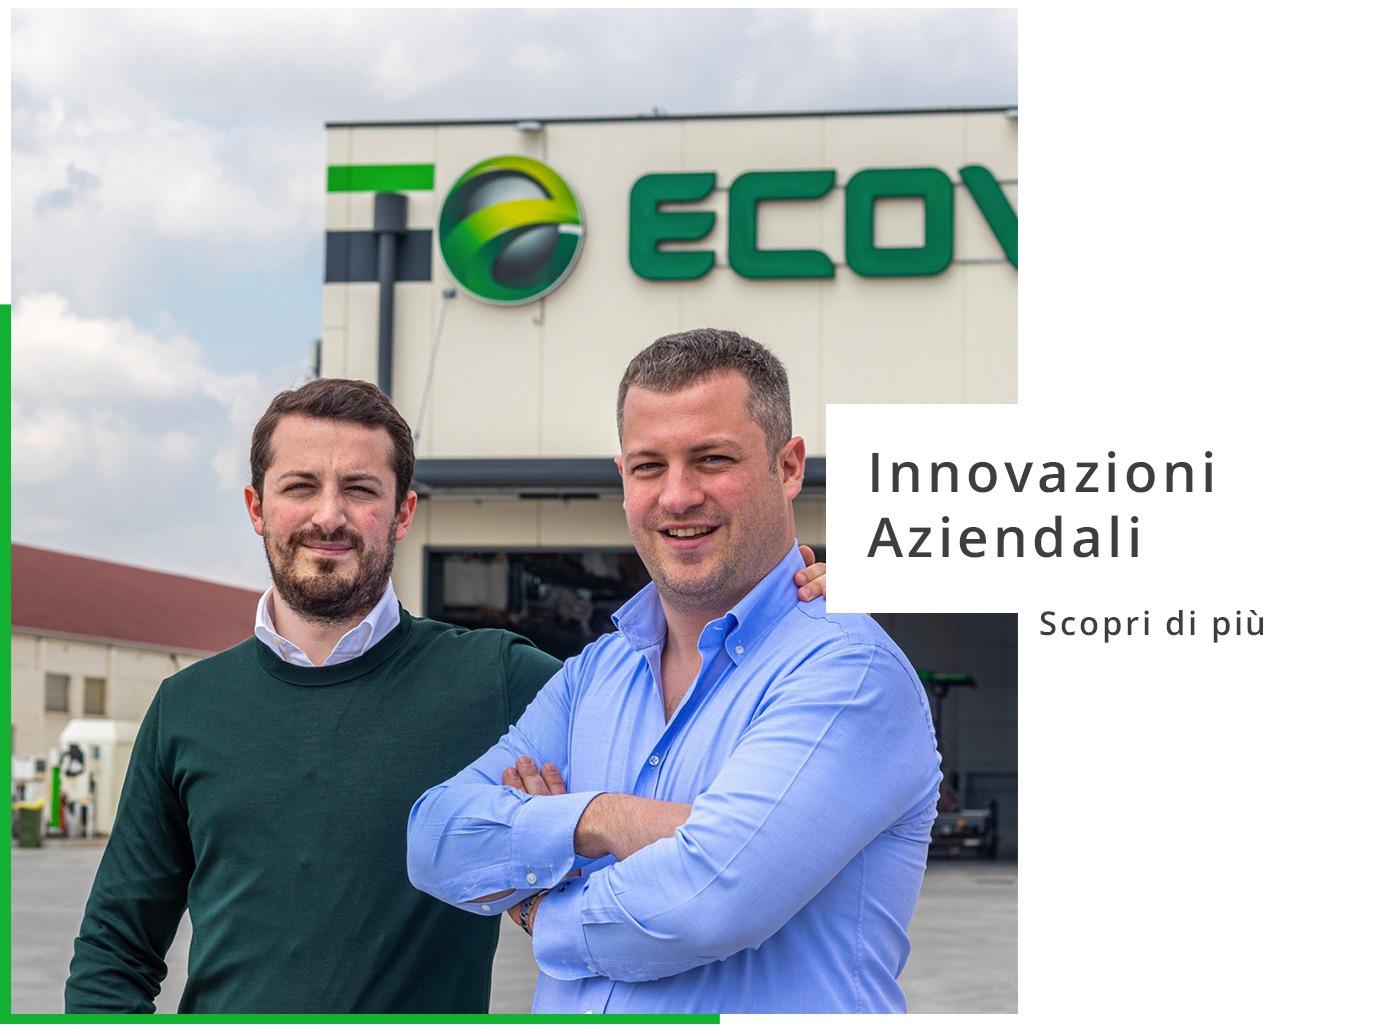 innovazioni-aziendali-blog